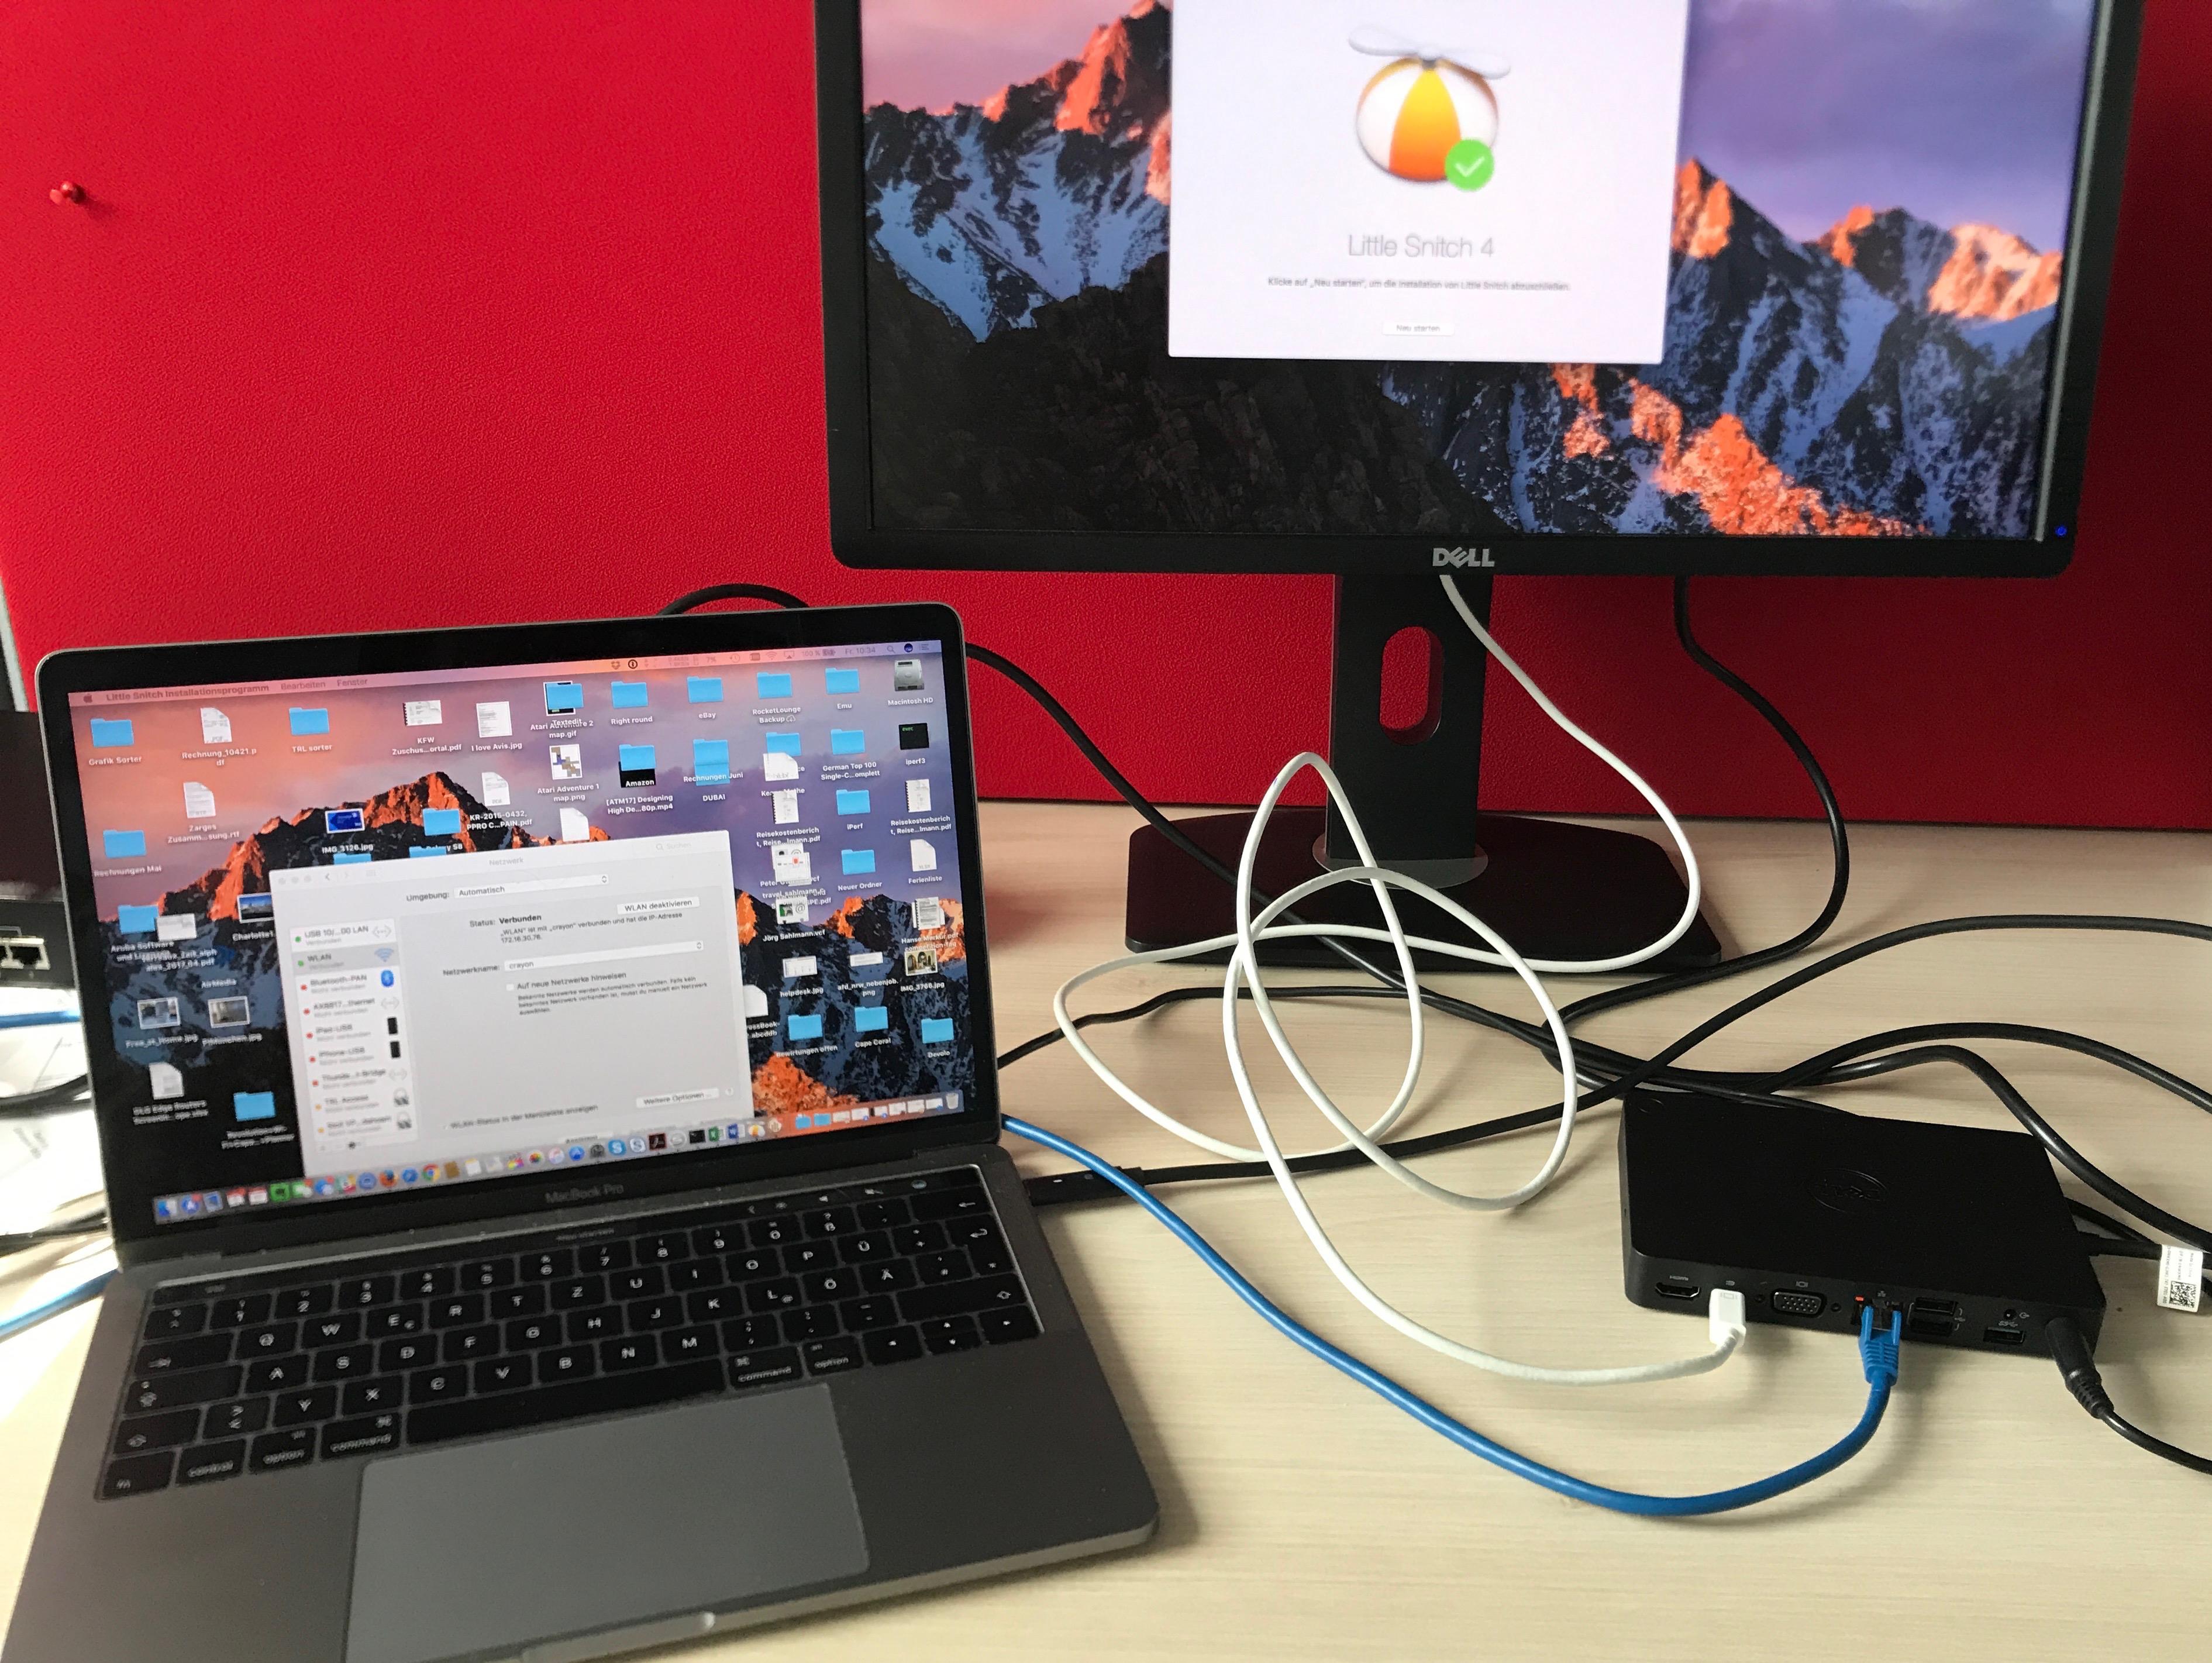 Macbook Upgrades